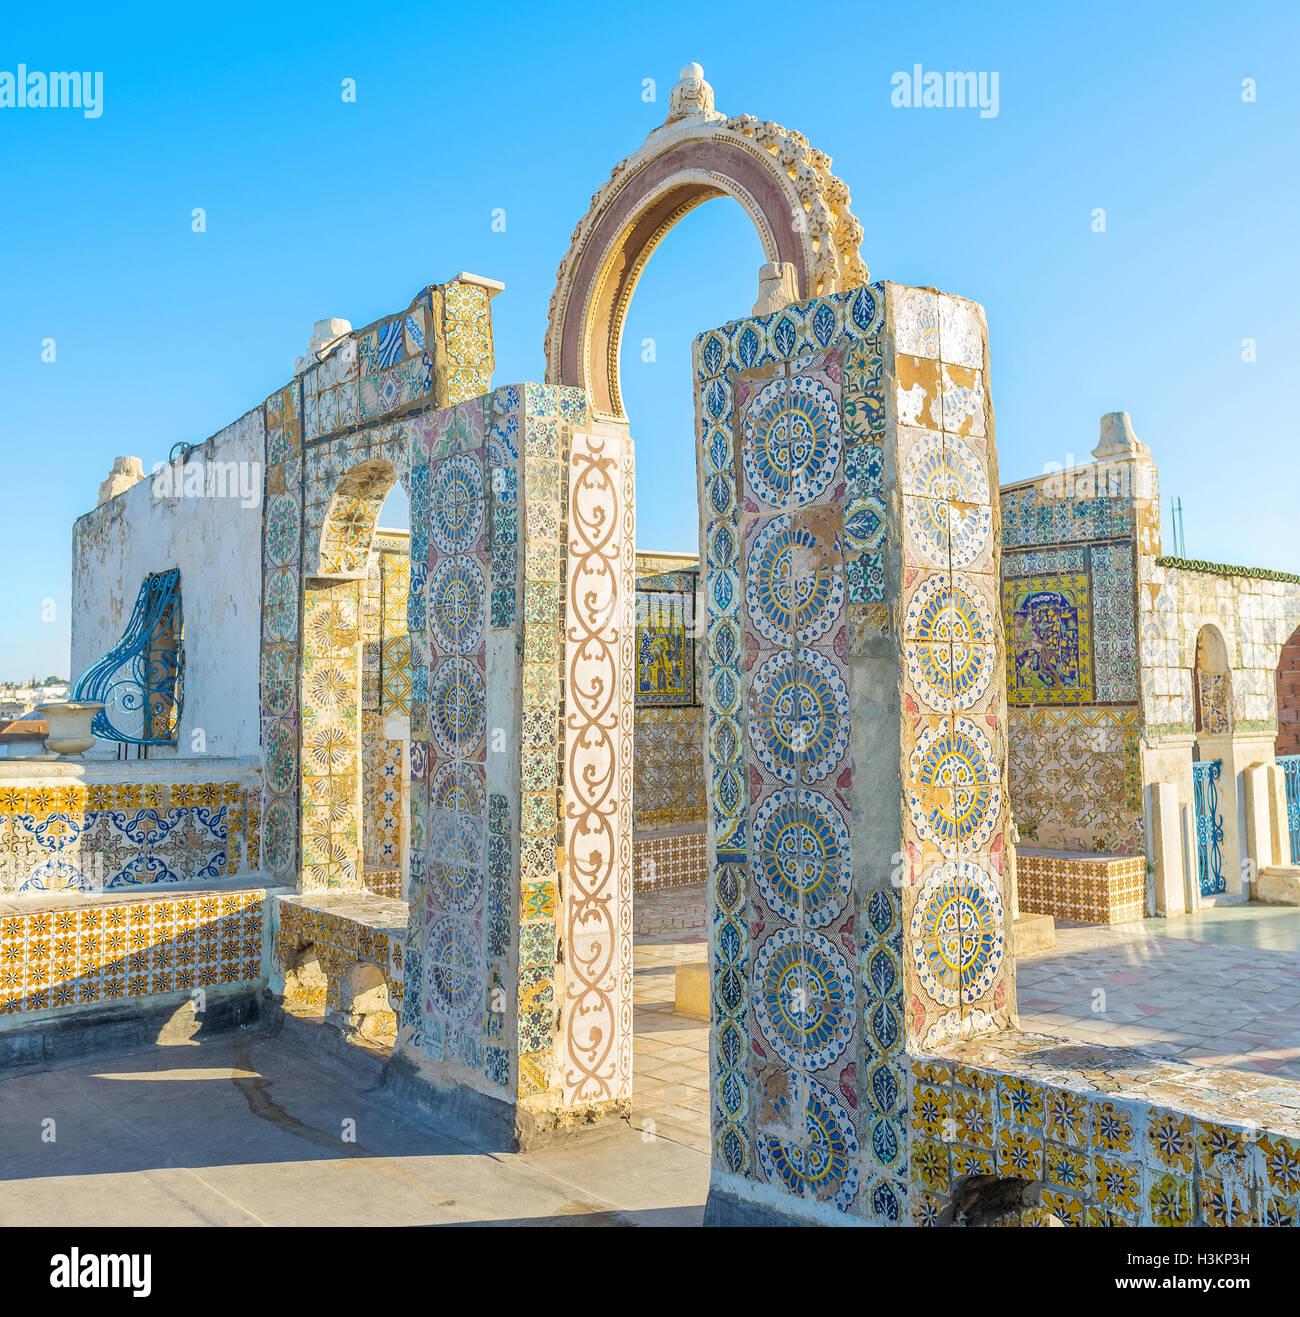 Les ruines pittoresques couvertes de tuiles vernissées sur le toit de l'hôtel particulier dans la Photo Stock